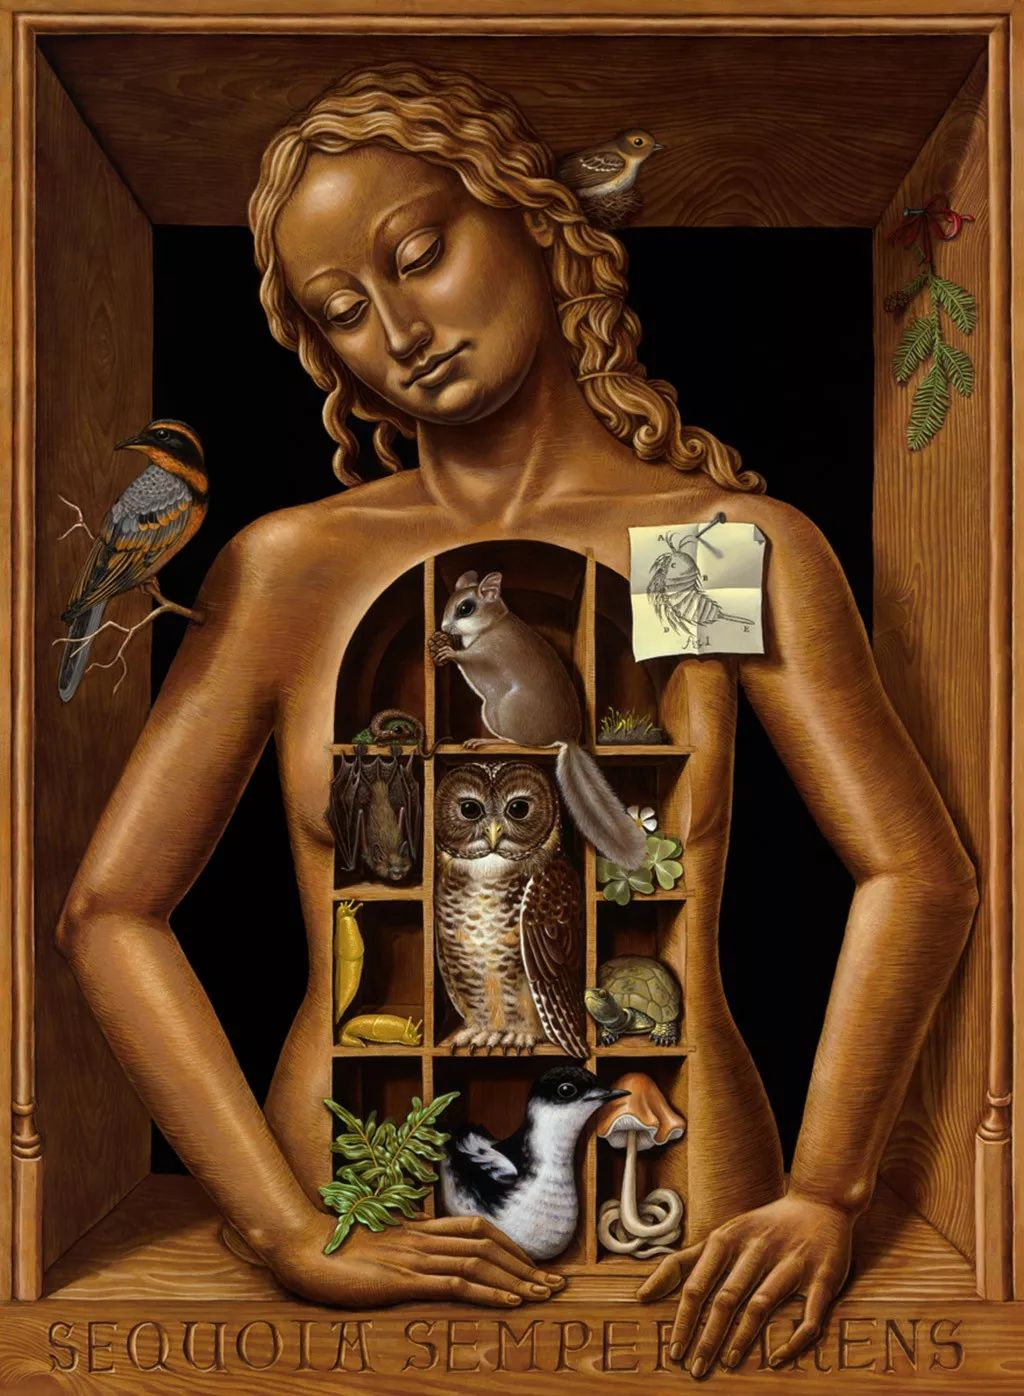 超现实主义,美国画家玛德琳·冯·福斯特插图35